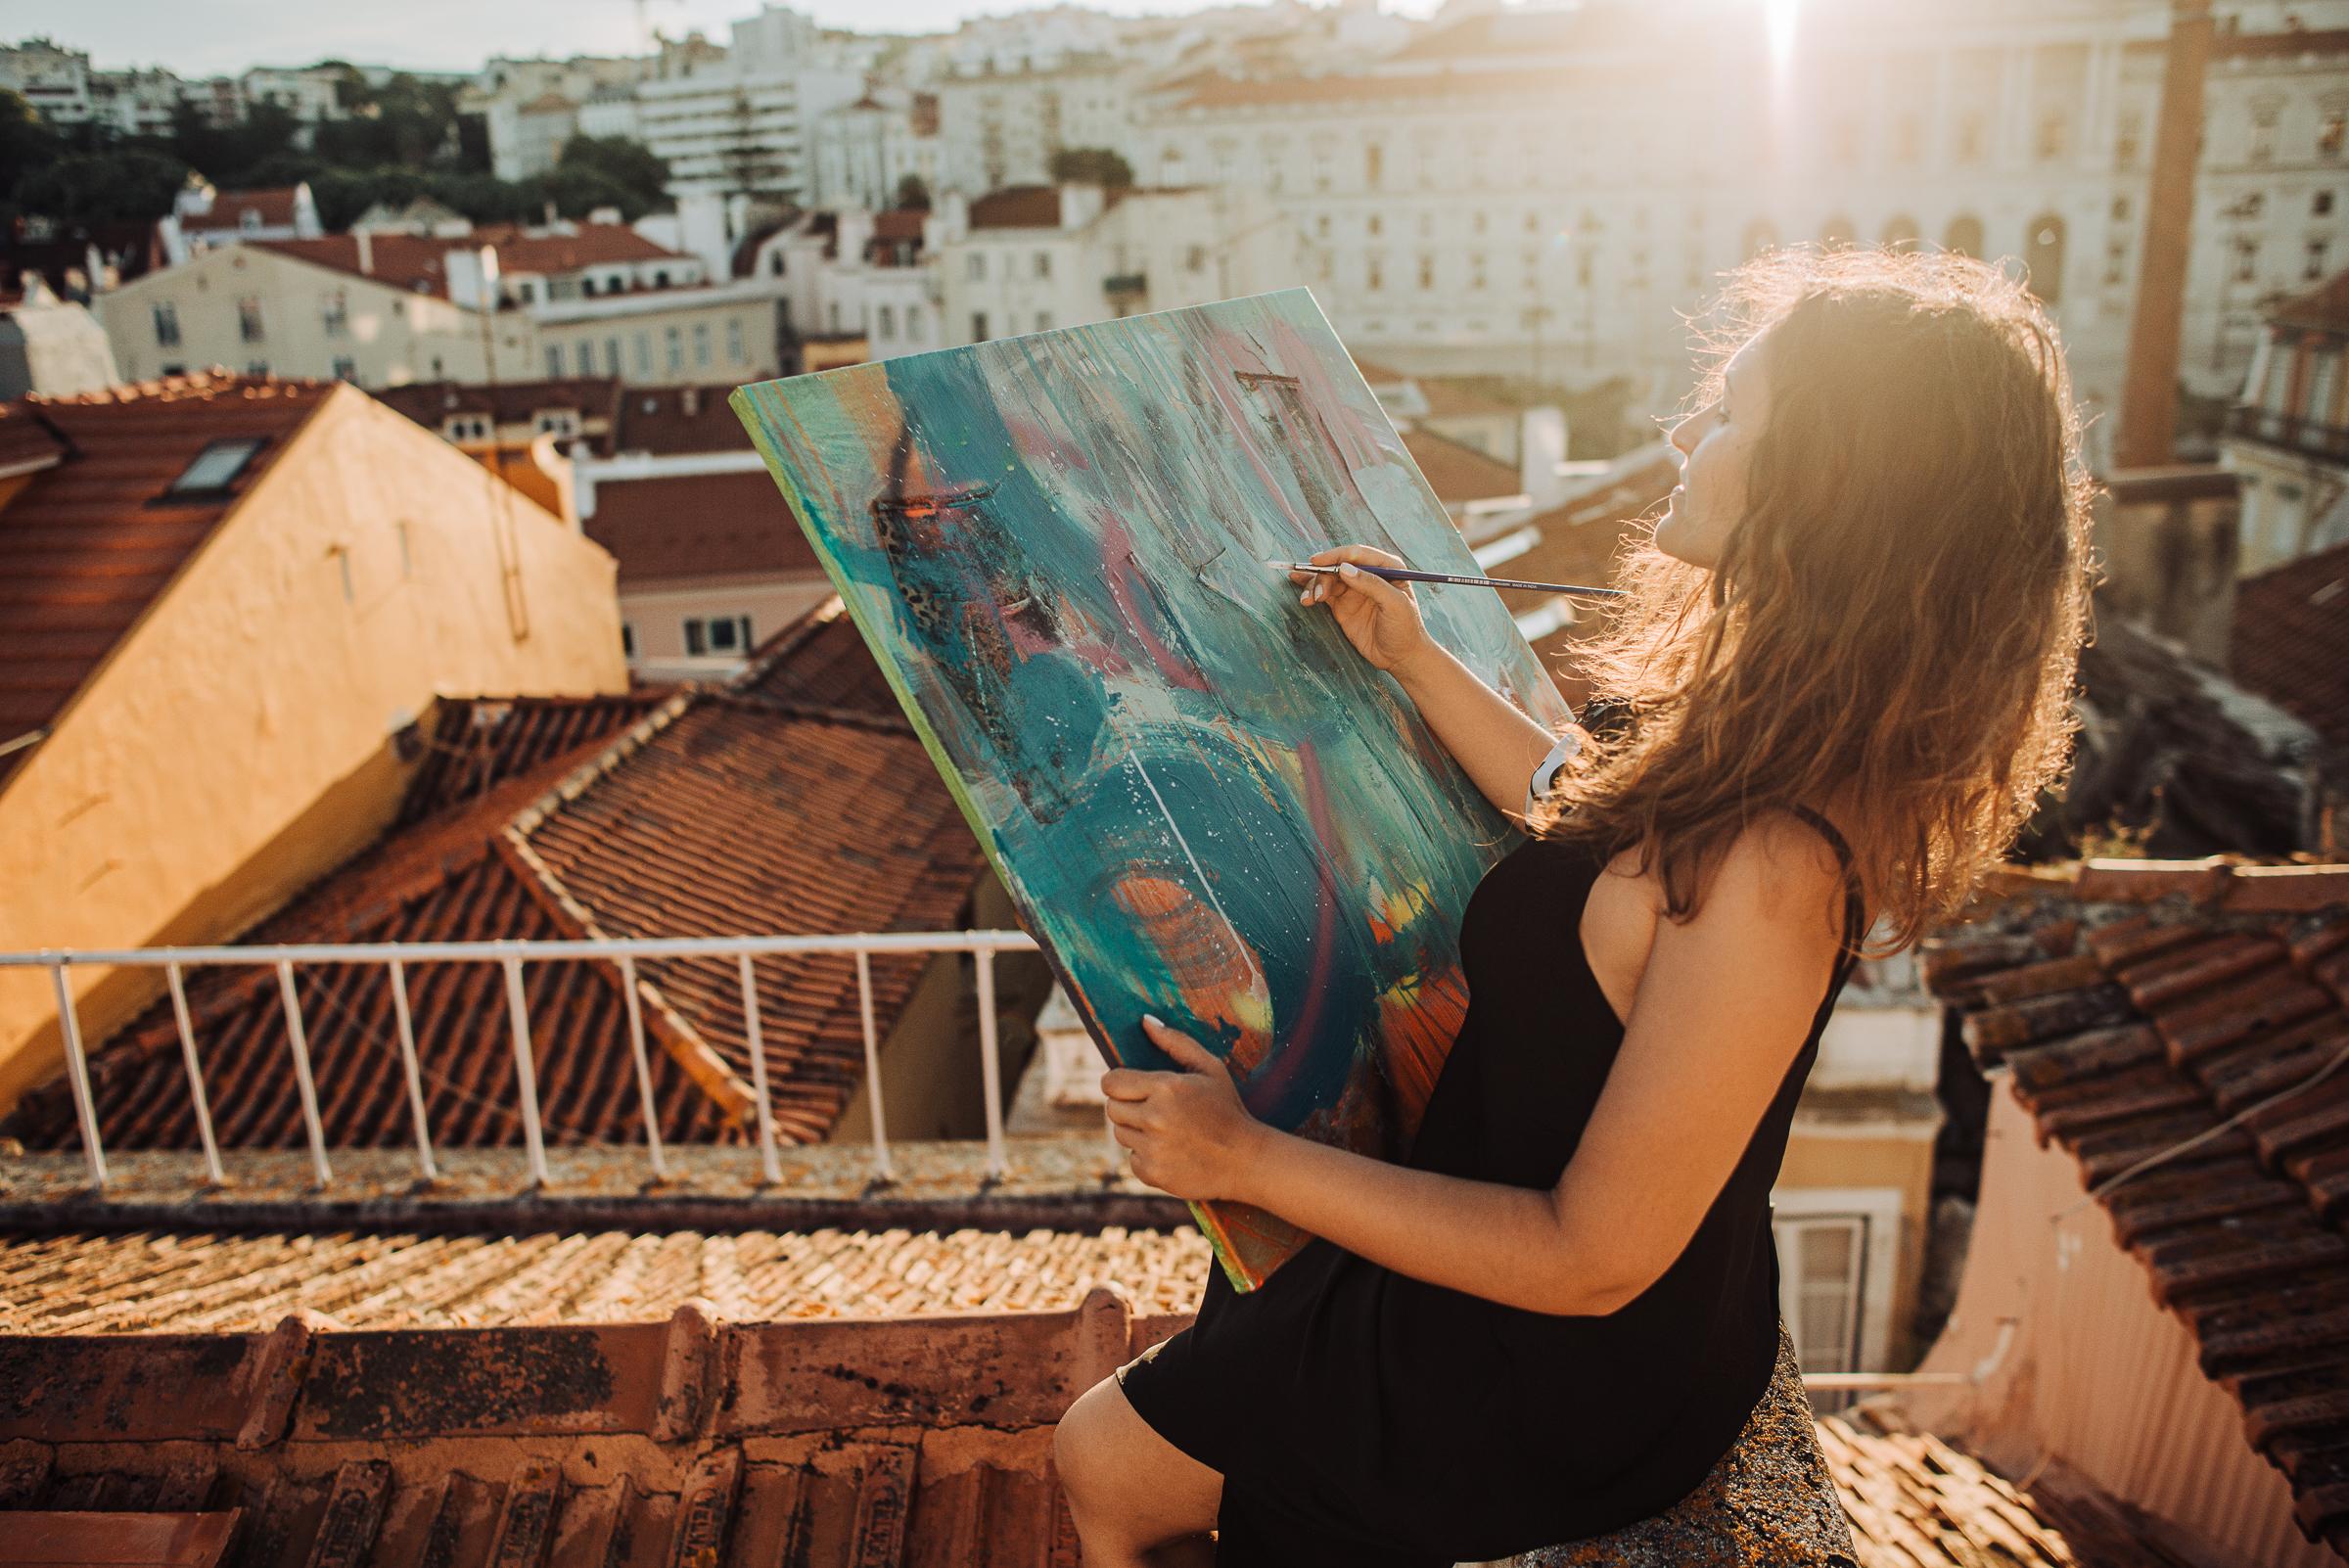 ARTE EN CUARENTENA | Artistas visuales argentinos se unen para exponer sus obras en un festival online